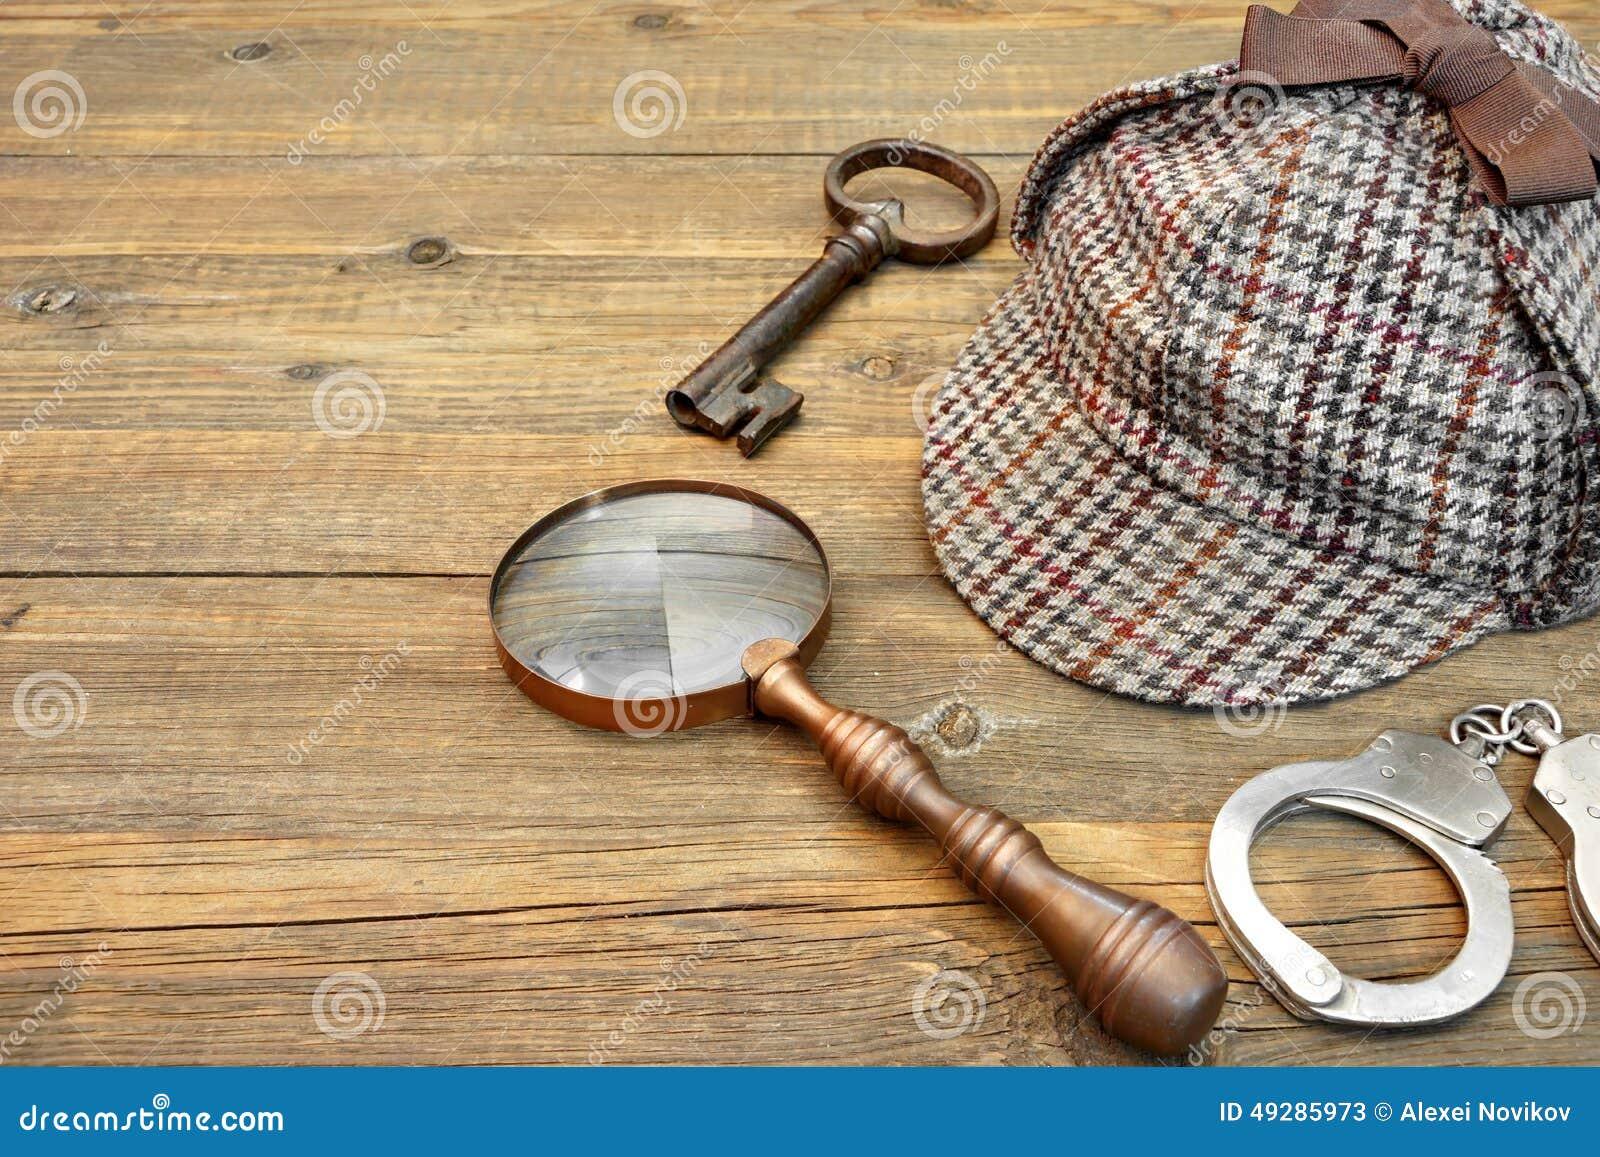 Sherlock Holmes Cap famoso como o Deerstalker, a chave, as algemas e o miliampère